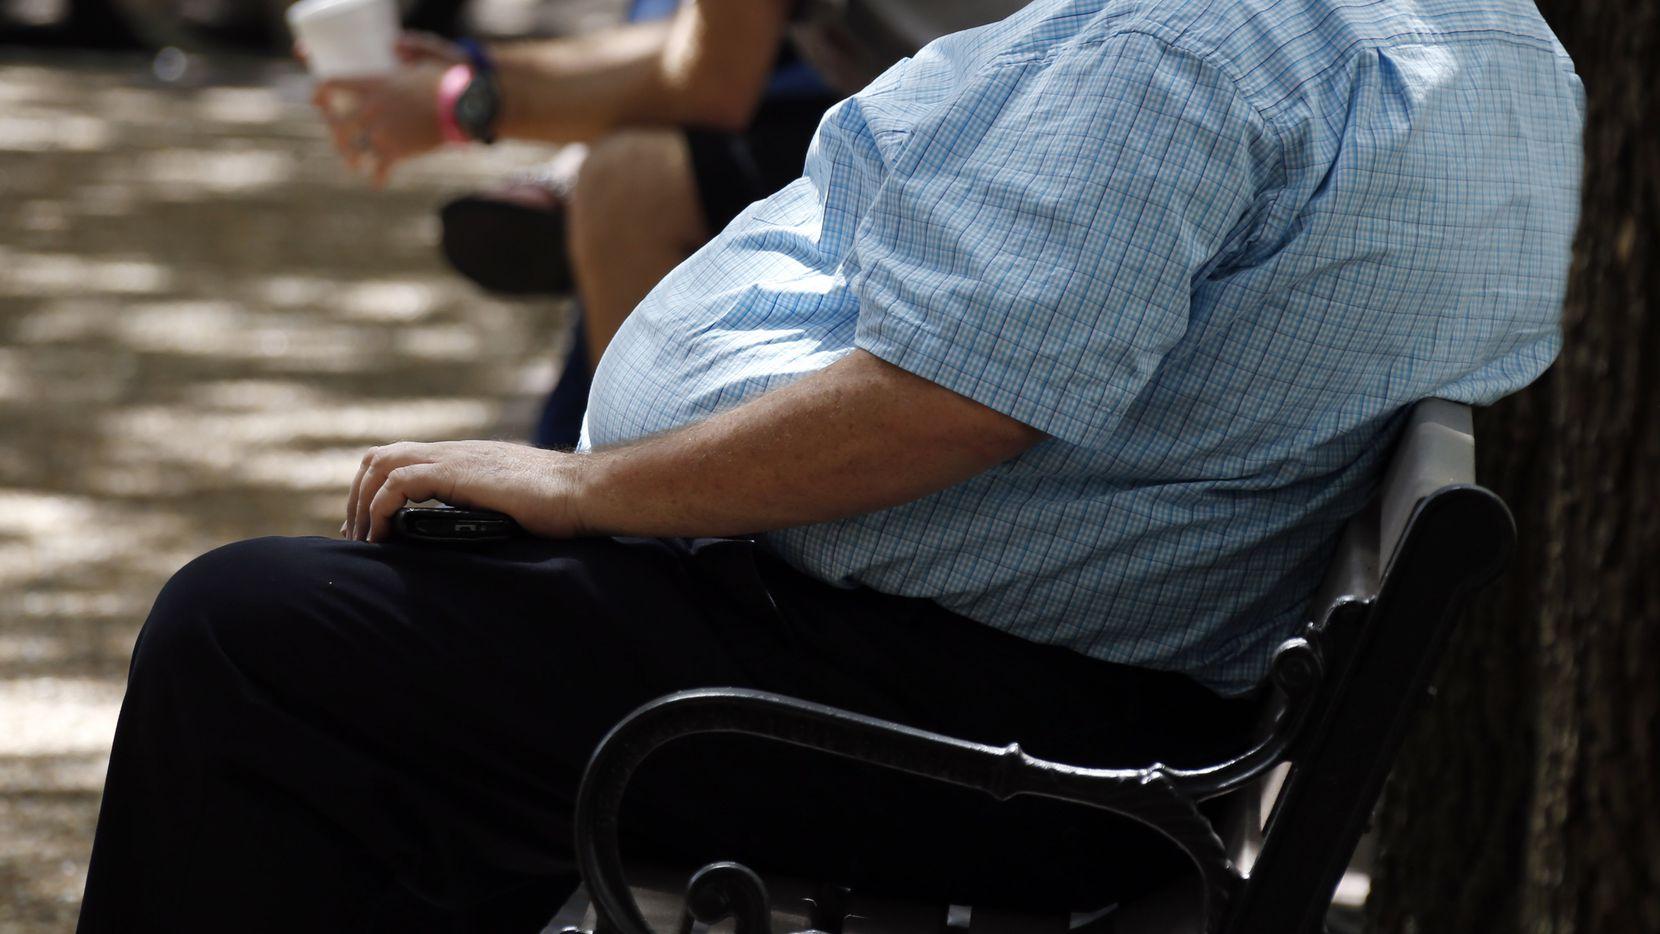 El riesgo de fallecer por complicaciones de coronavirus es mayor en personas con diabetes y obesidad, dice estudio.